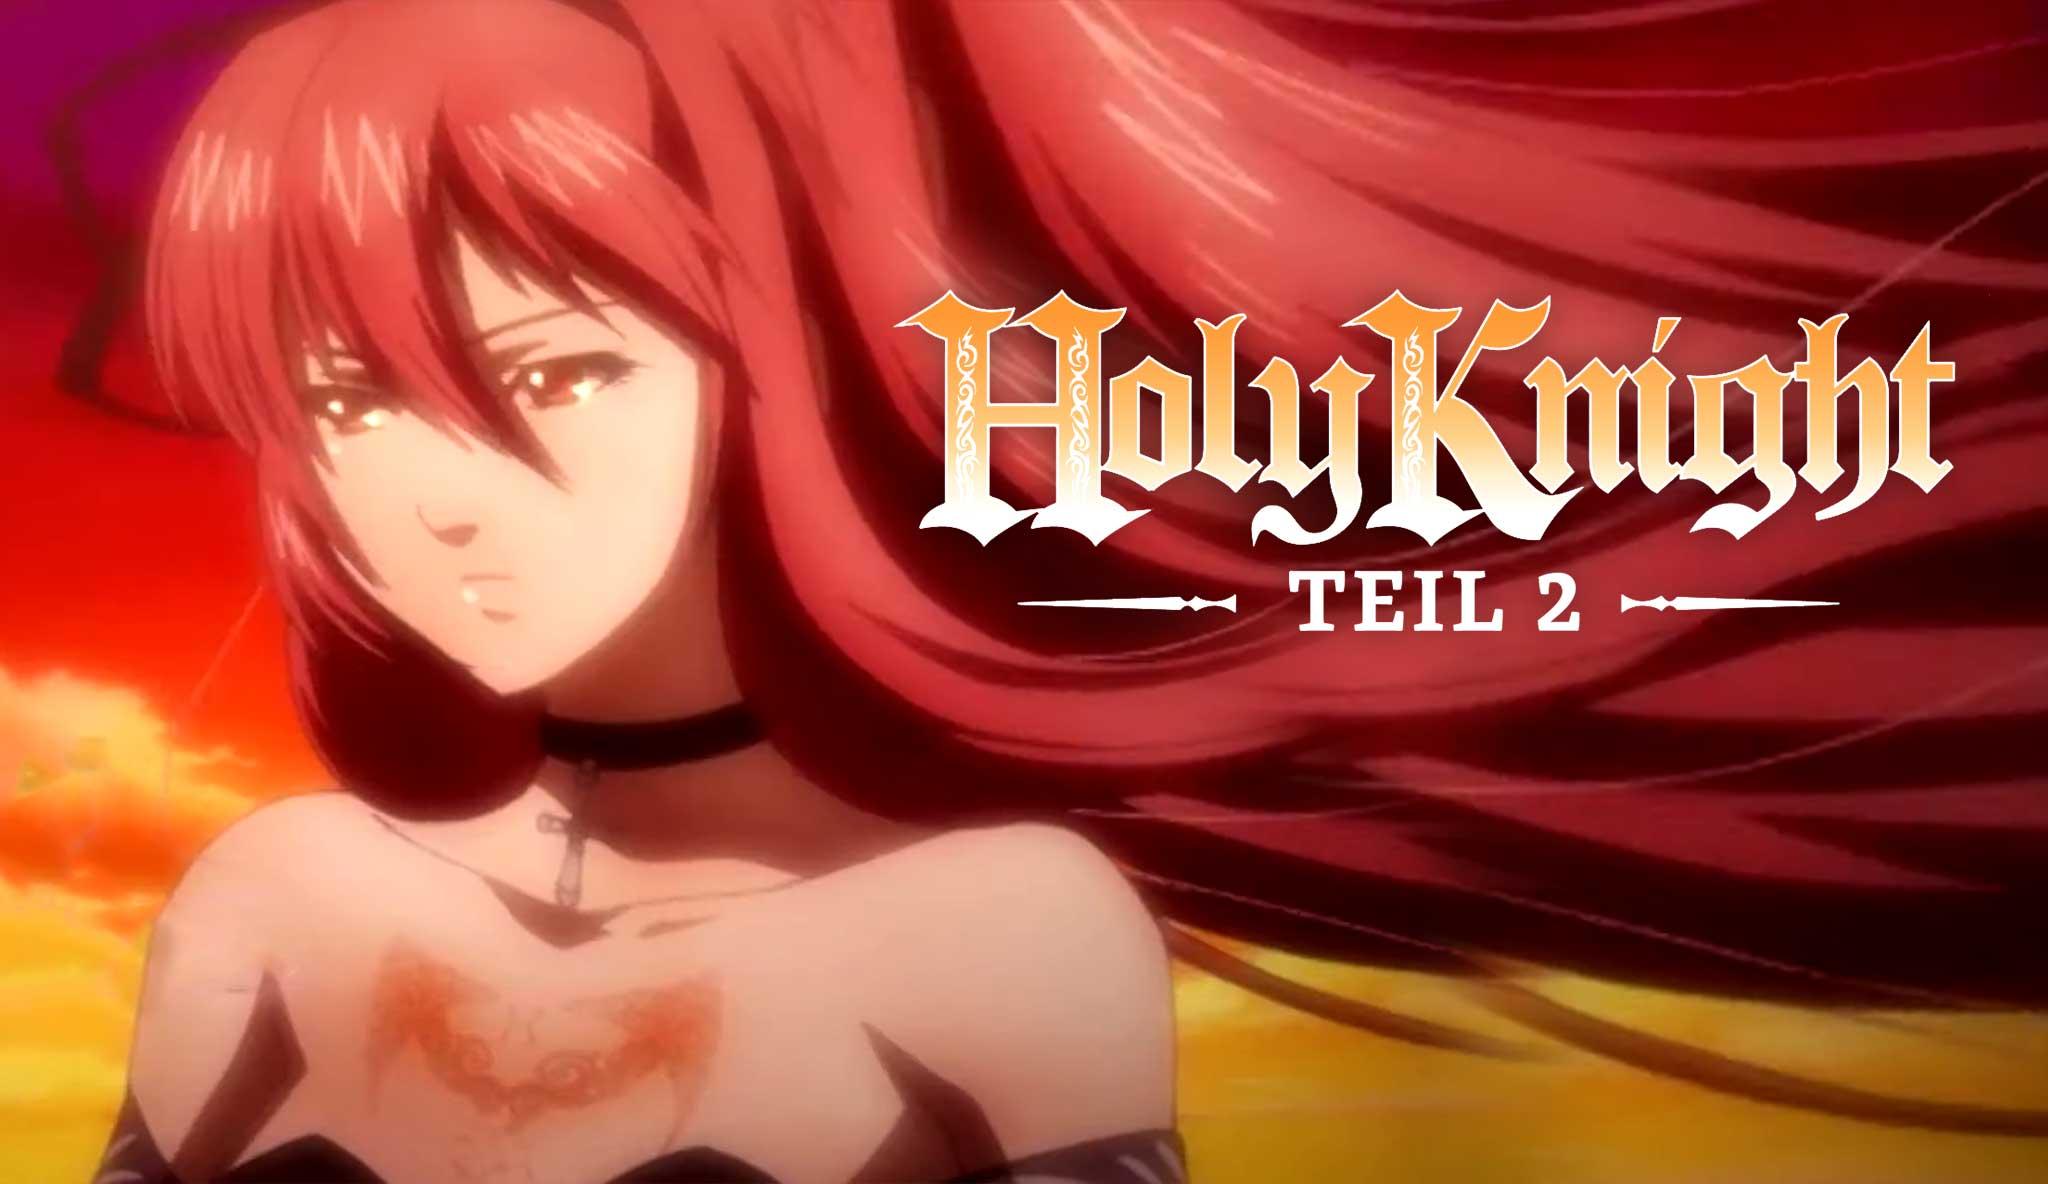 holy-knight-teil-2\header.jpg